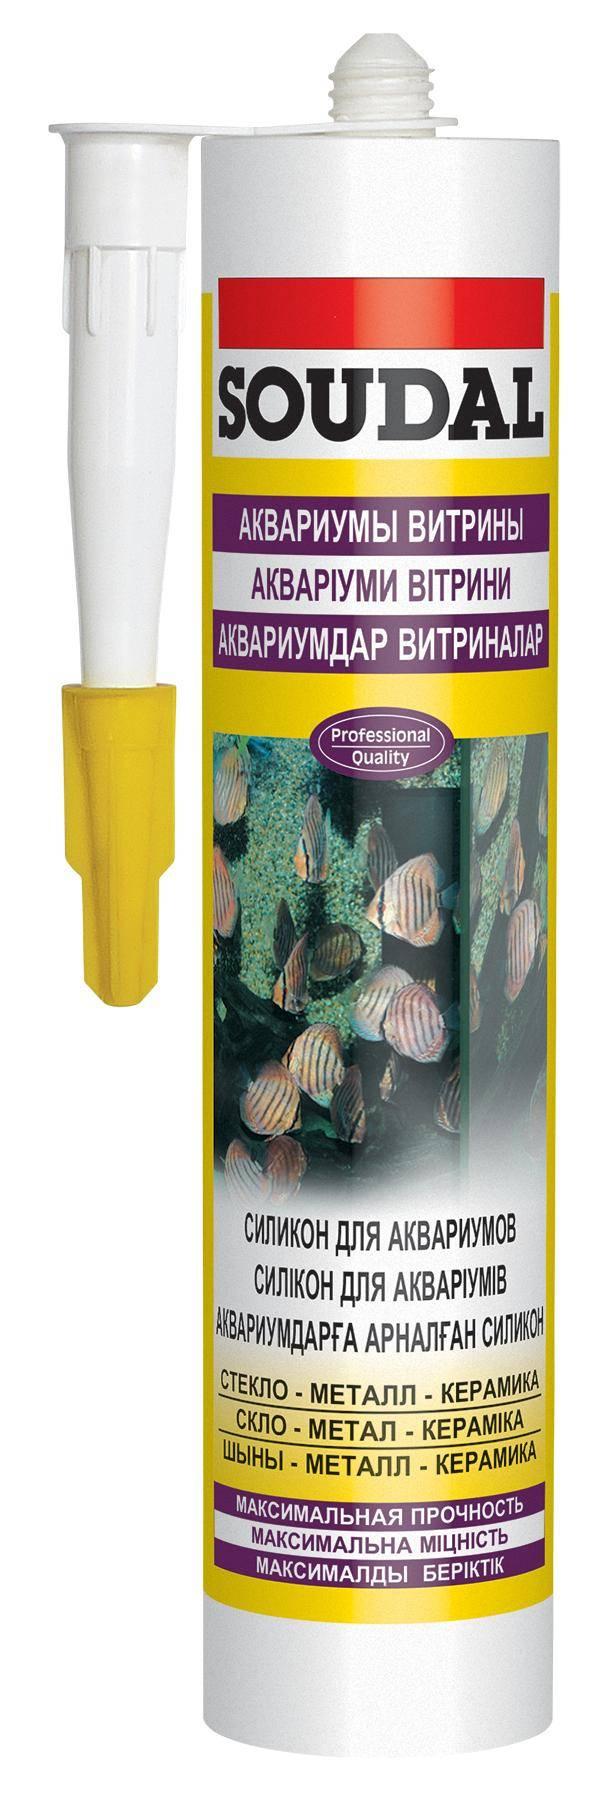 Герметик для аквариума: как выбрать клей?